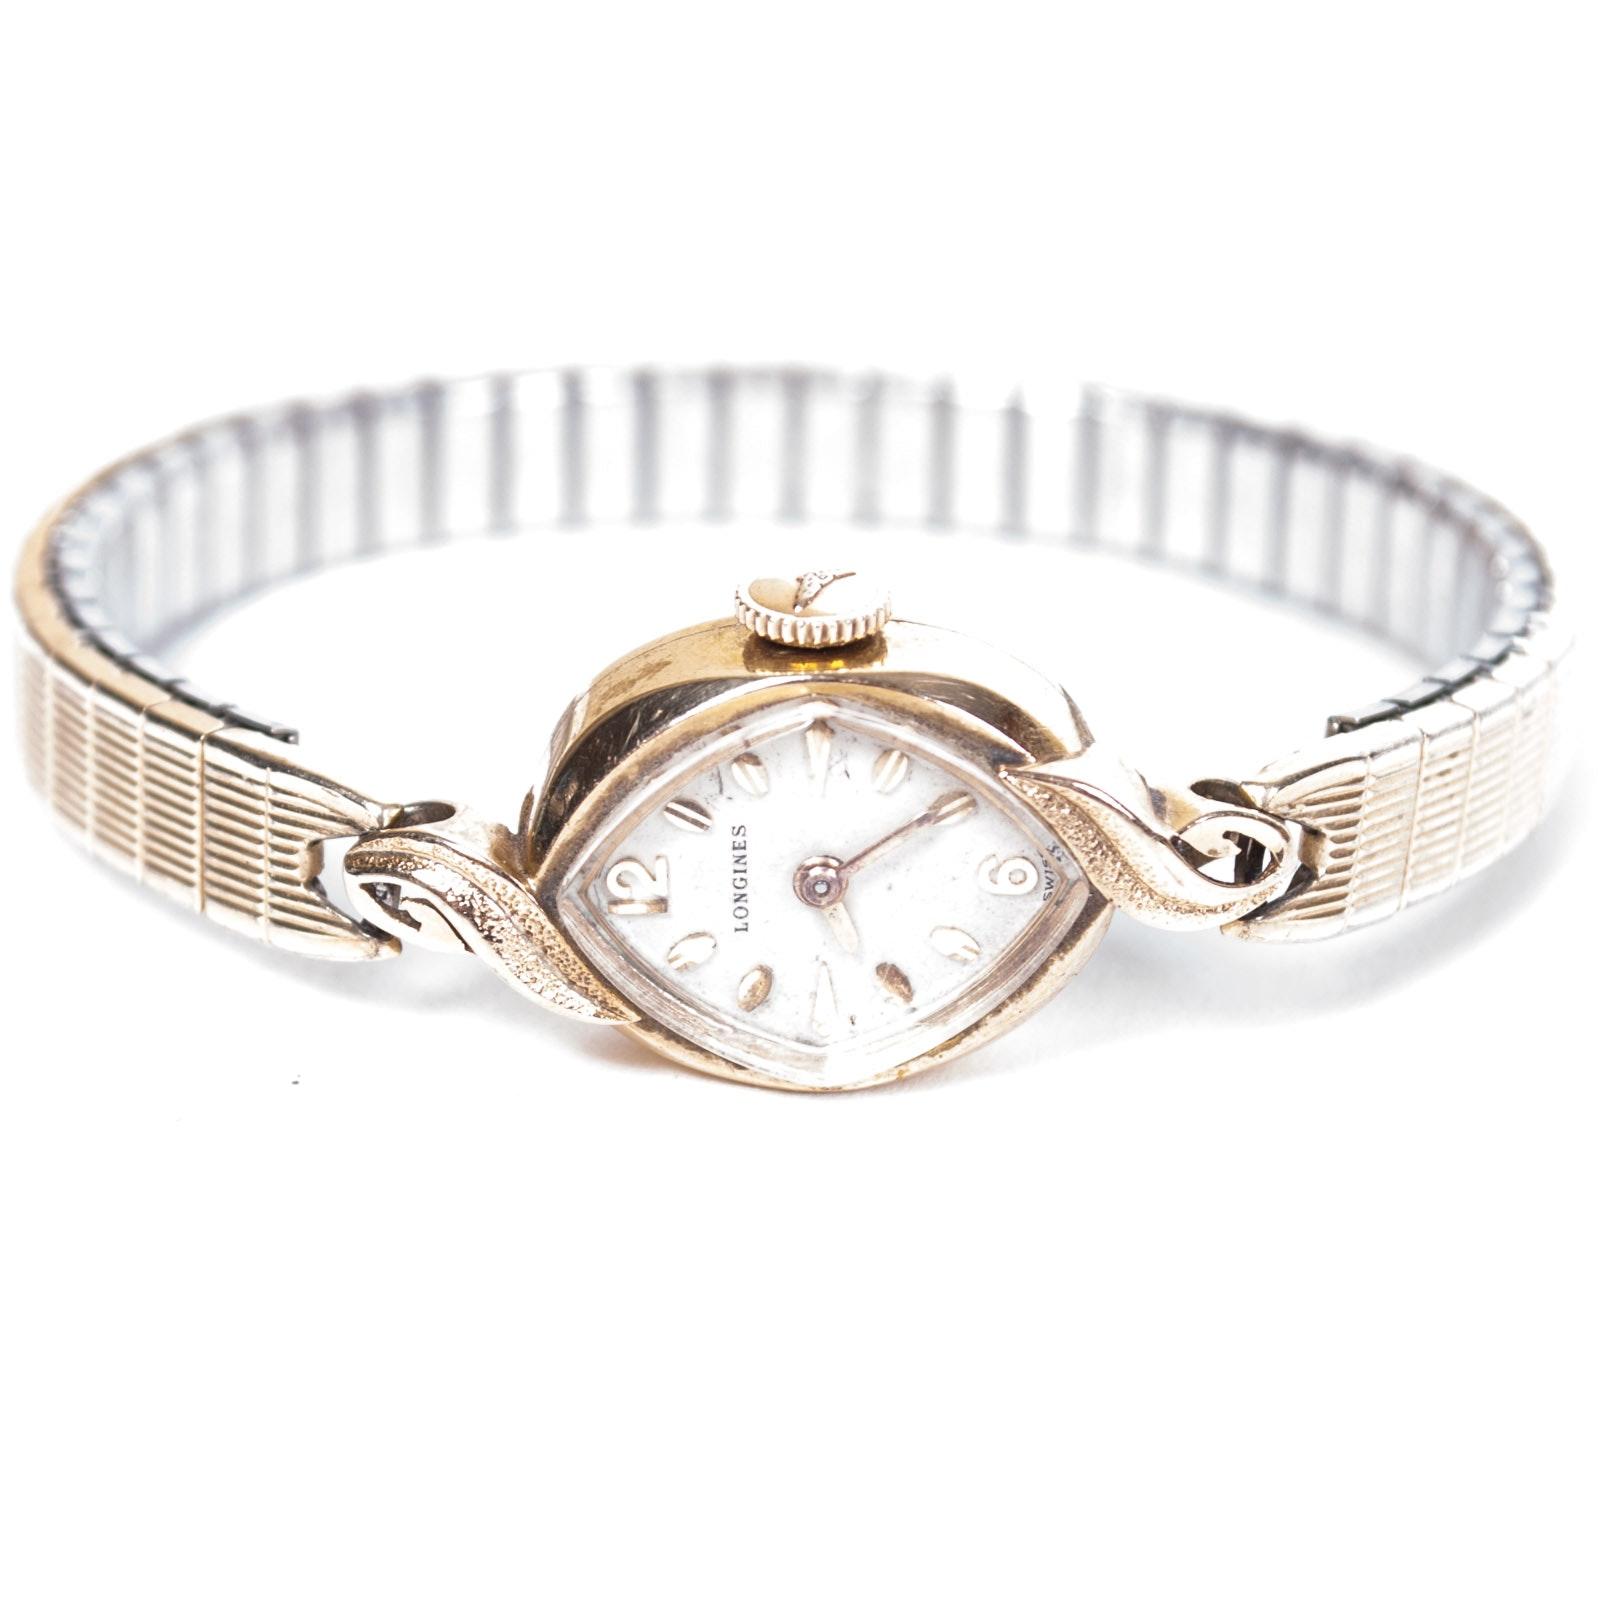 Longines 14K Yellow Gold Stem Wind Wristwatch